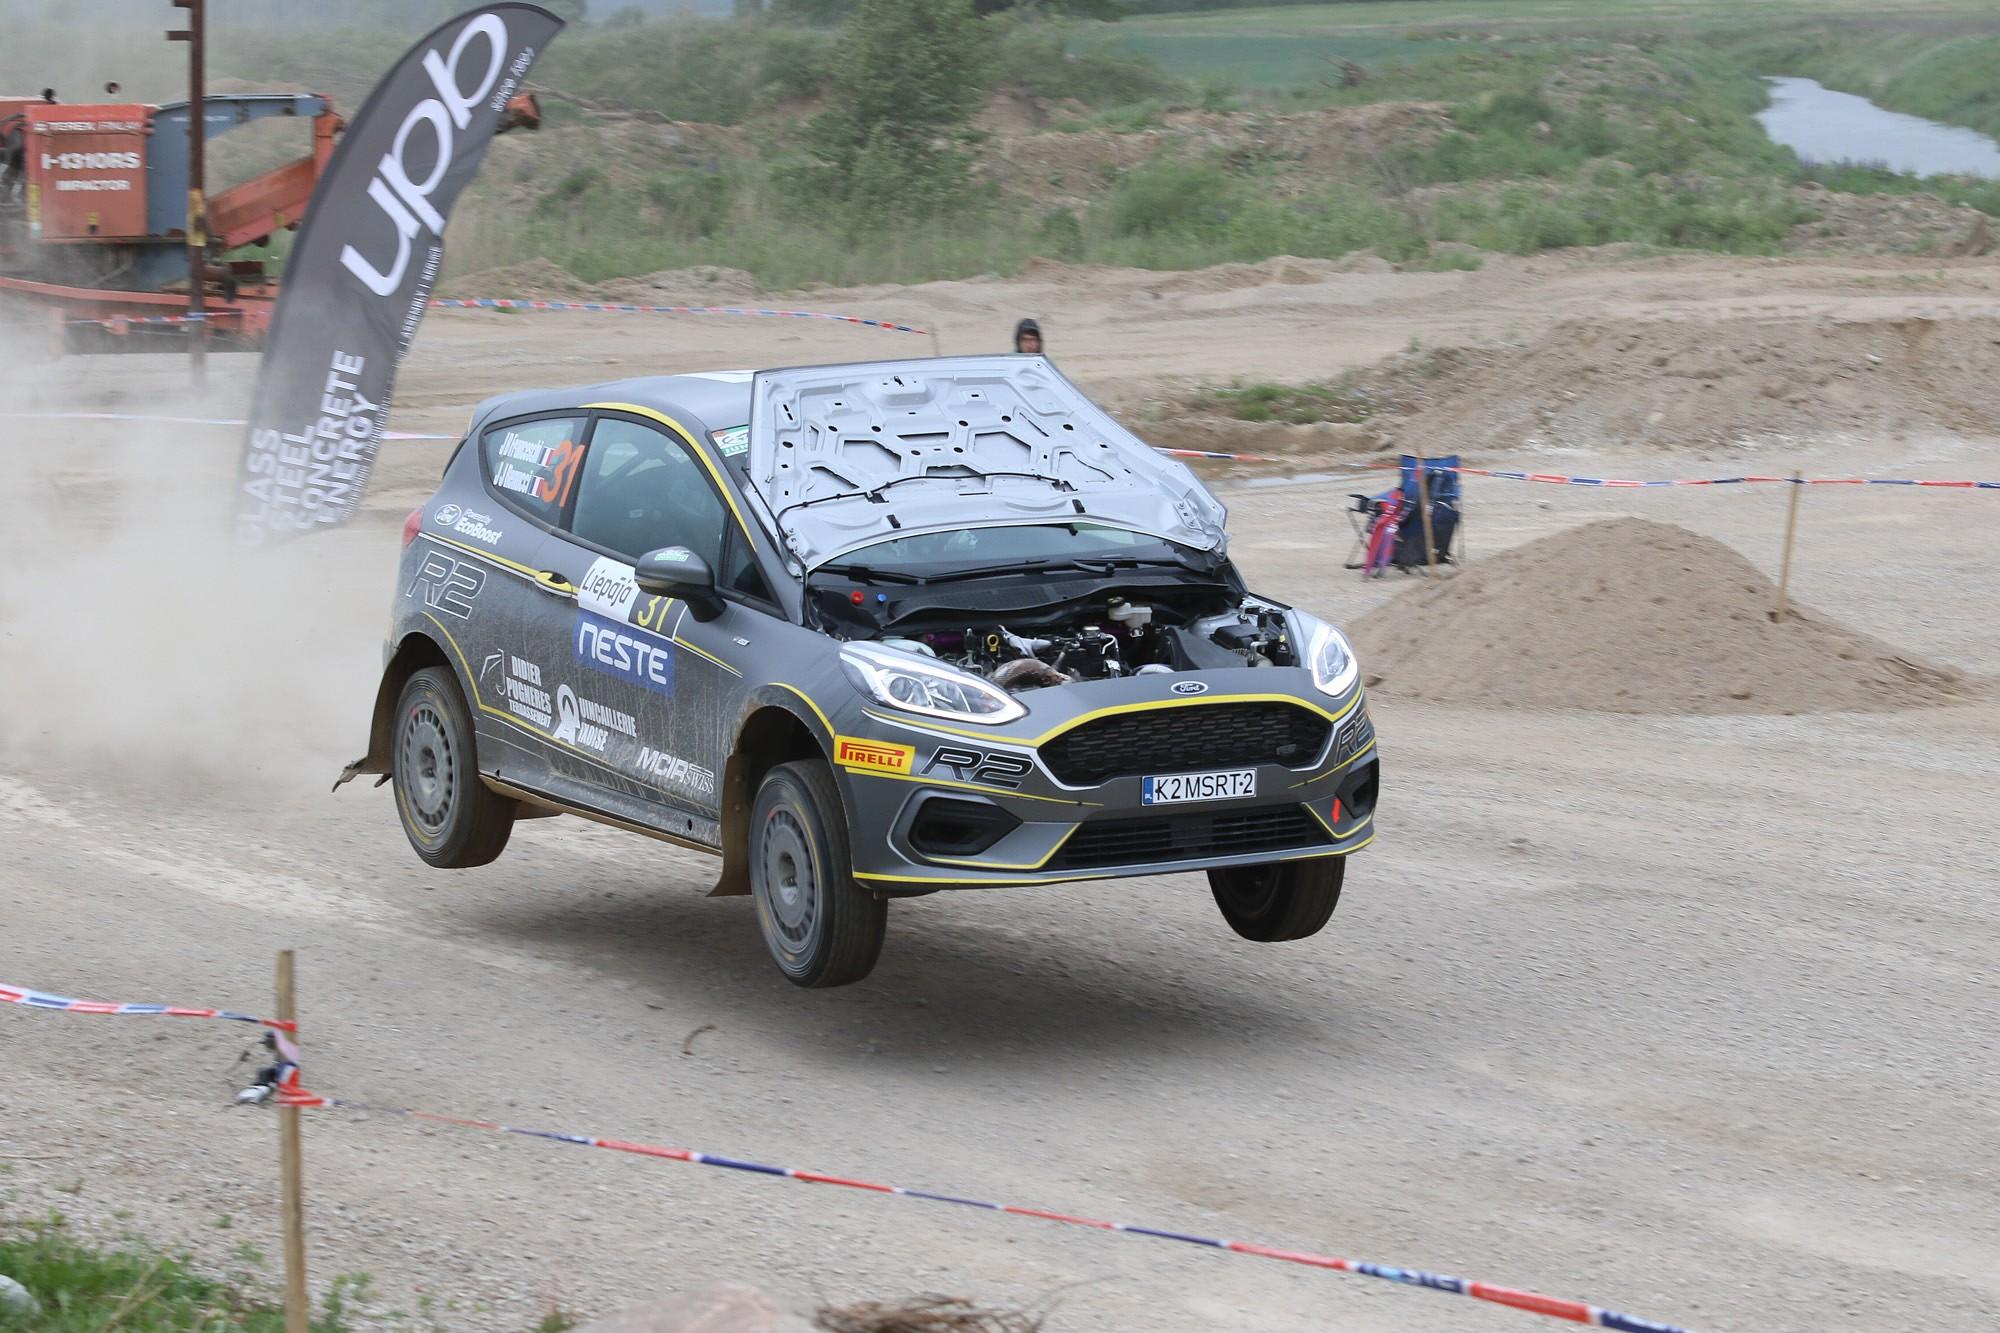 Автоспортсмены демонстрируют свое мастерство на скоростных этапах